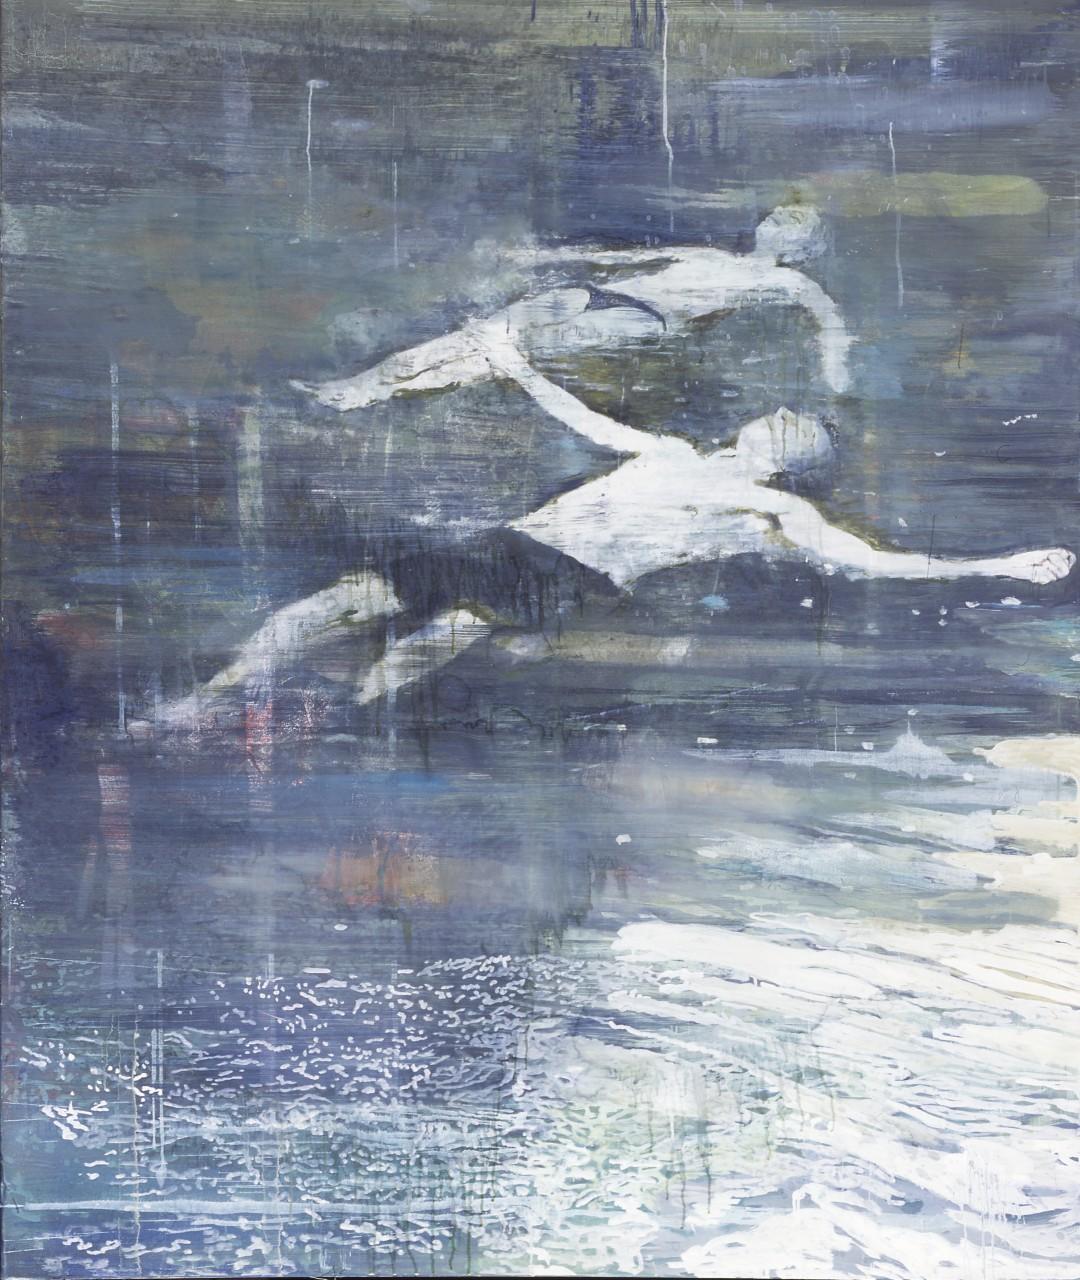 SCHWIMMER -eggtempera on canvas-Miriam Vlaming